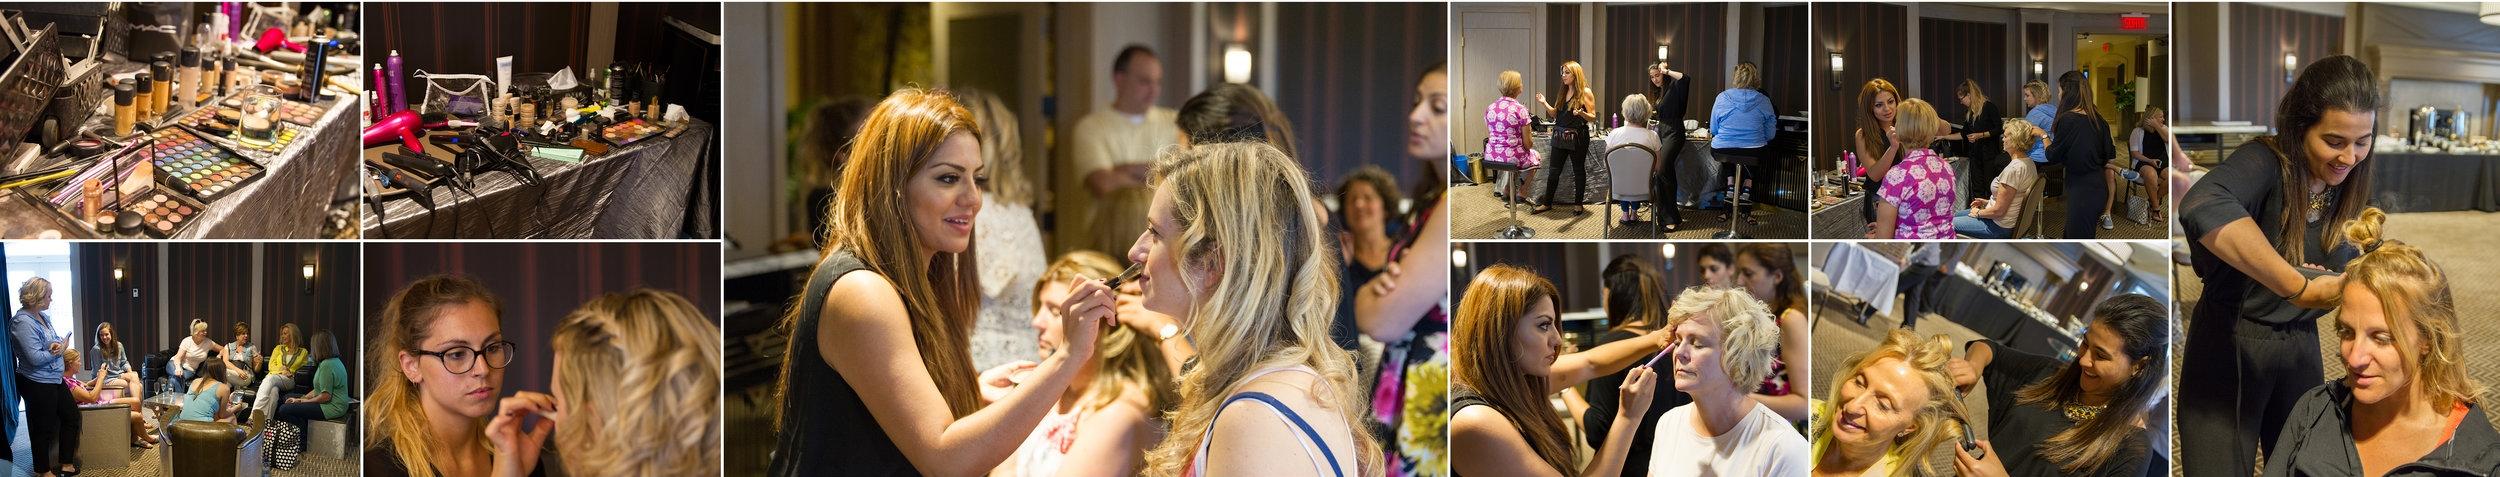 Maquillage et coiffure par l'équipe glamour de Loue 1 Robe pour nos 35 charmantes femmes, derniers essayages de robes avant la grande soirée.